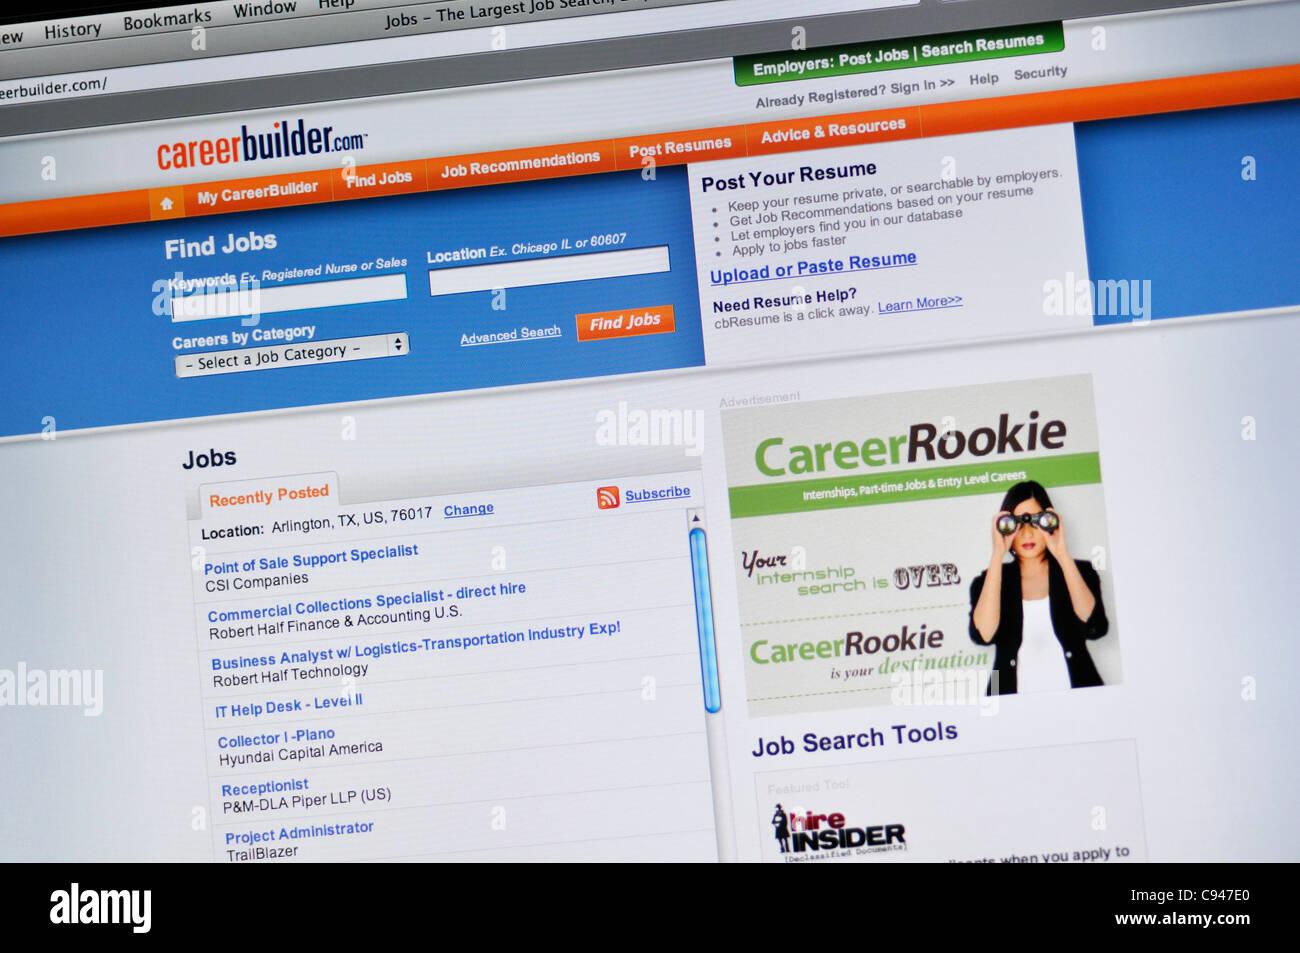 Careerbuilder Online Job Imágenes De Stock & Careerbuilder